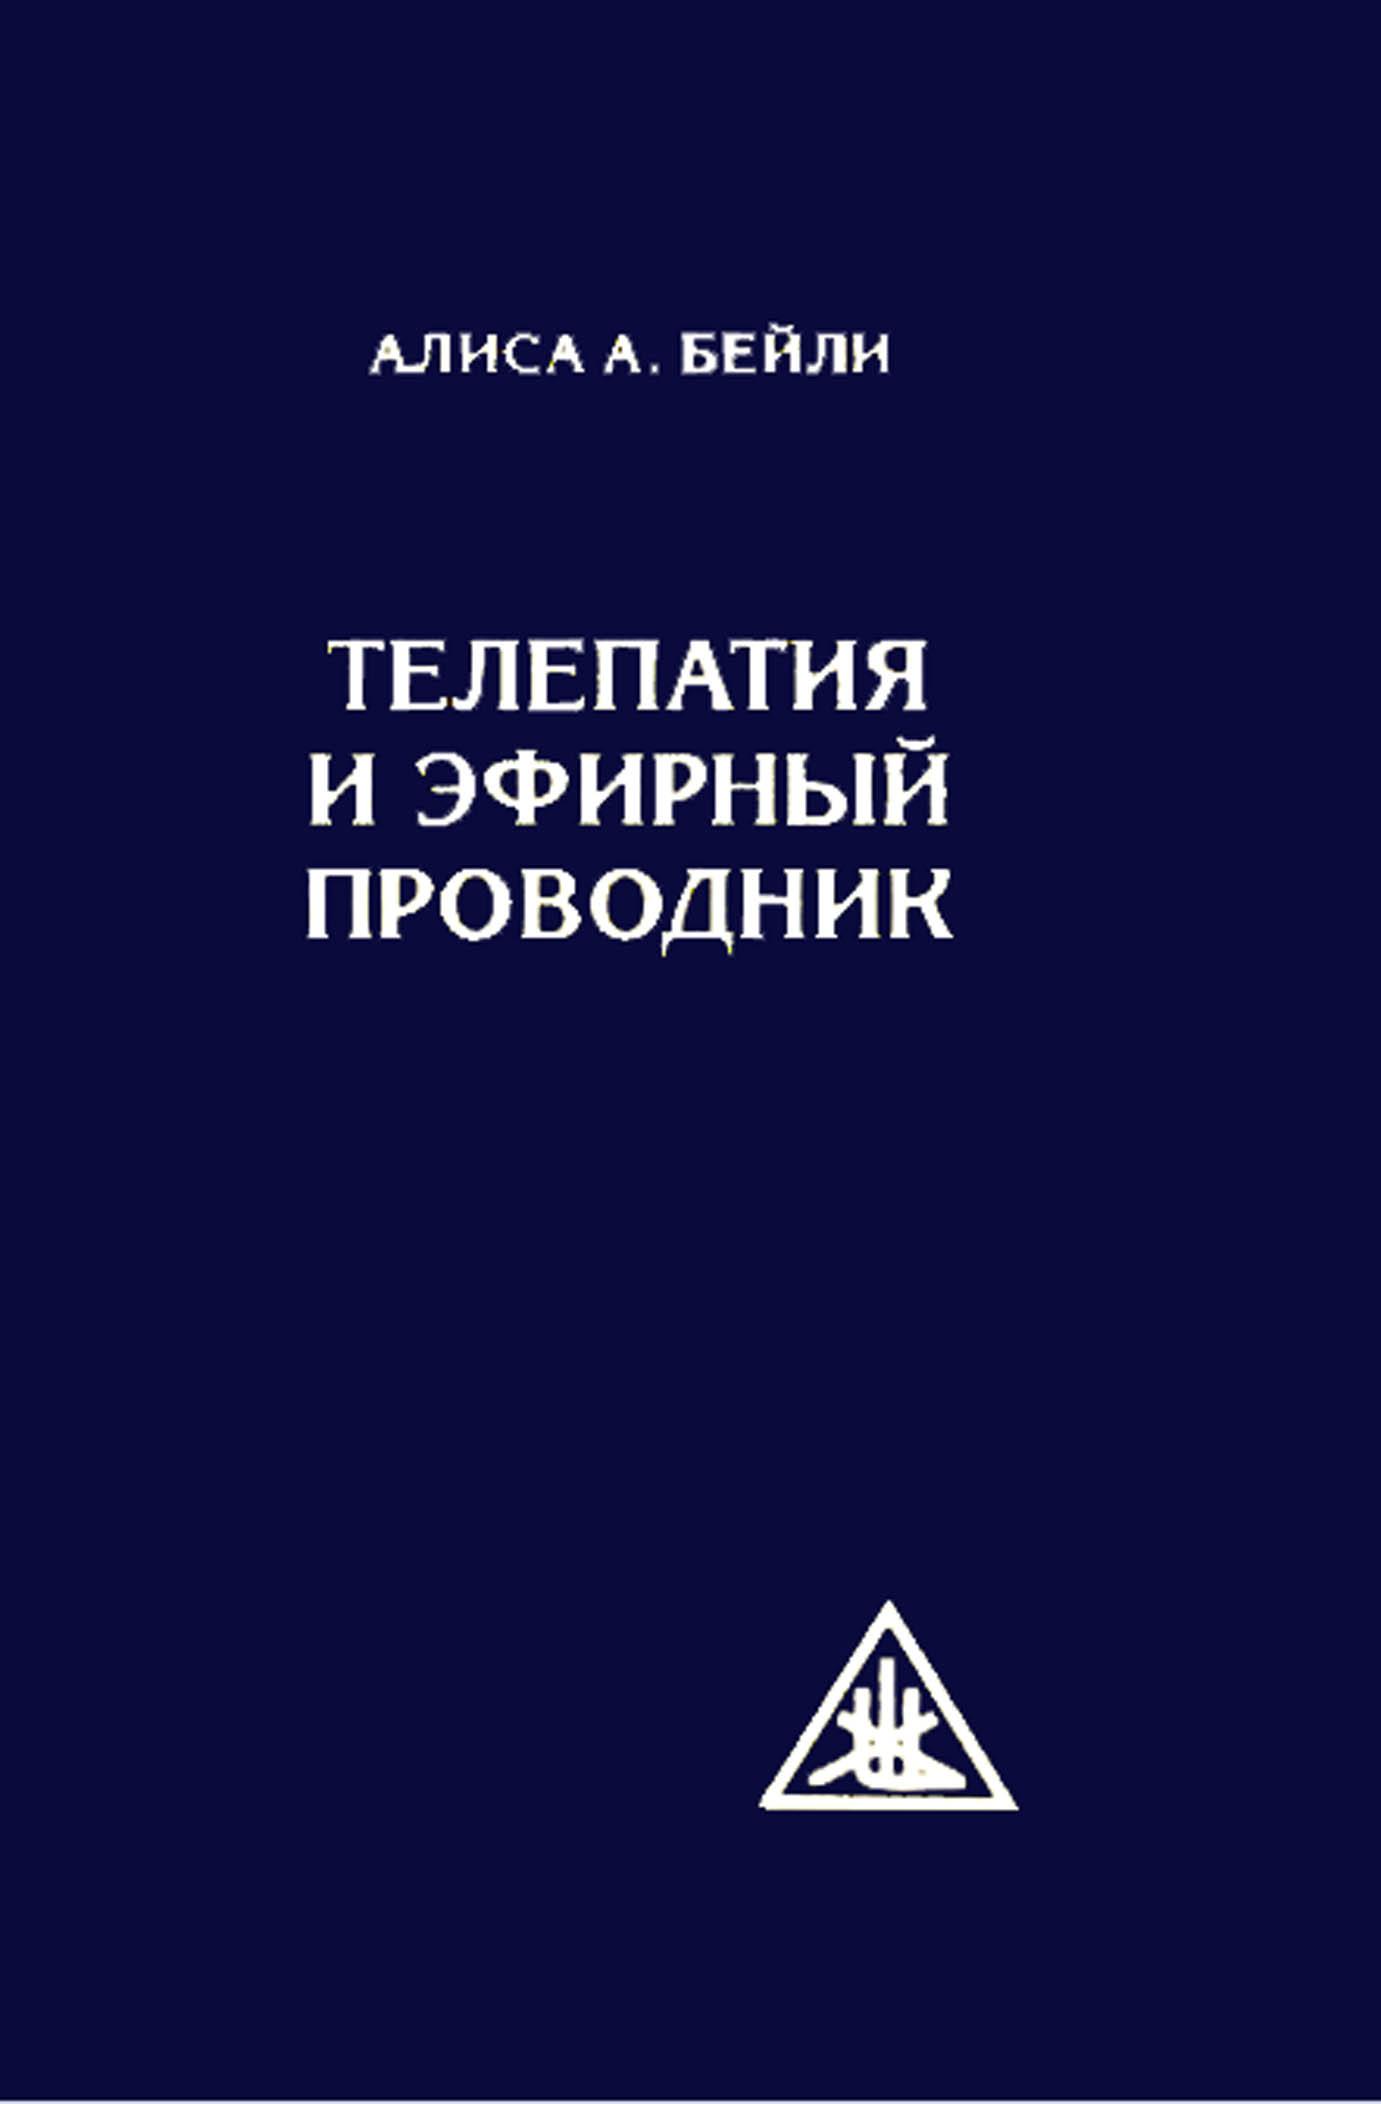 Телепатия и Эфирный проводник (обл)